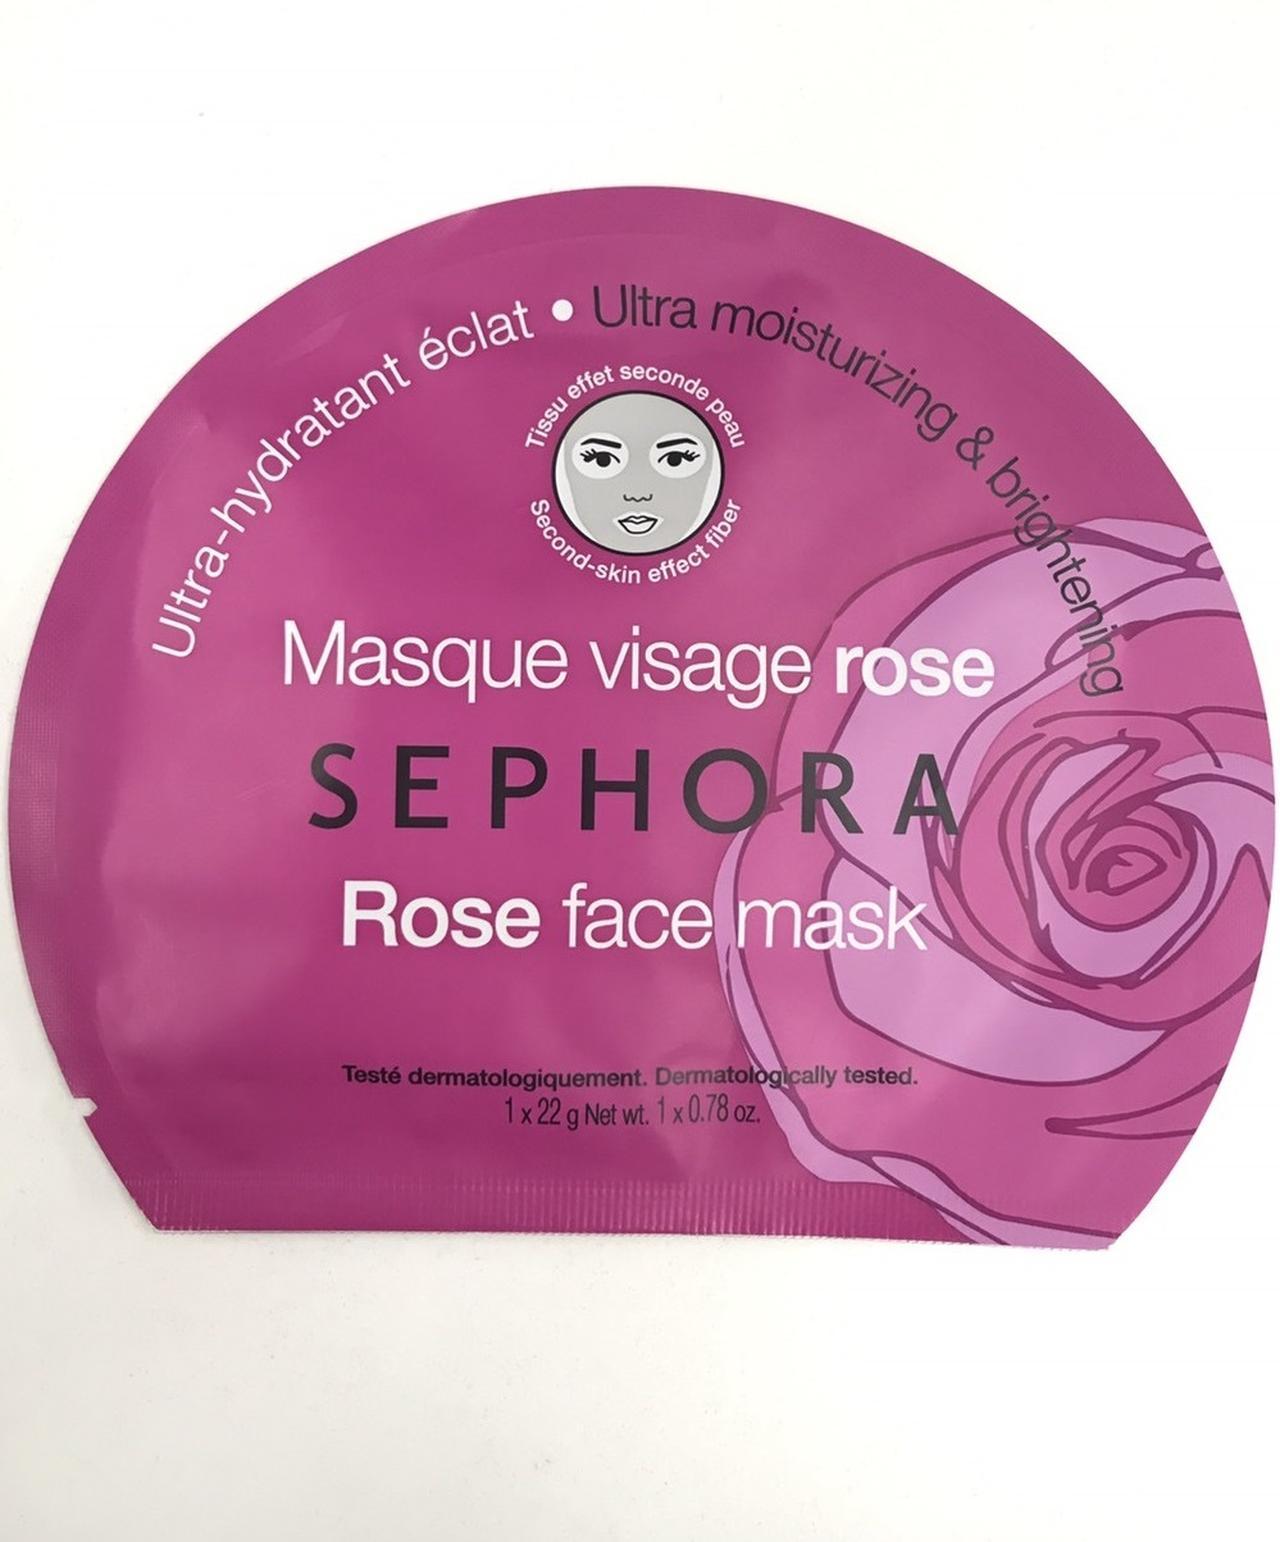 画像: 海外セレブの愛用ブランド!SEPHORAのフェイスパックをプレゼント